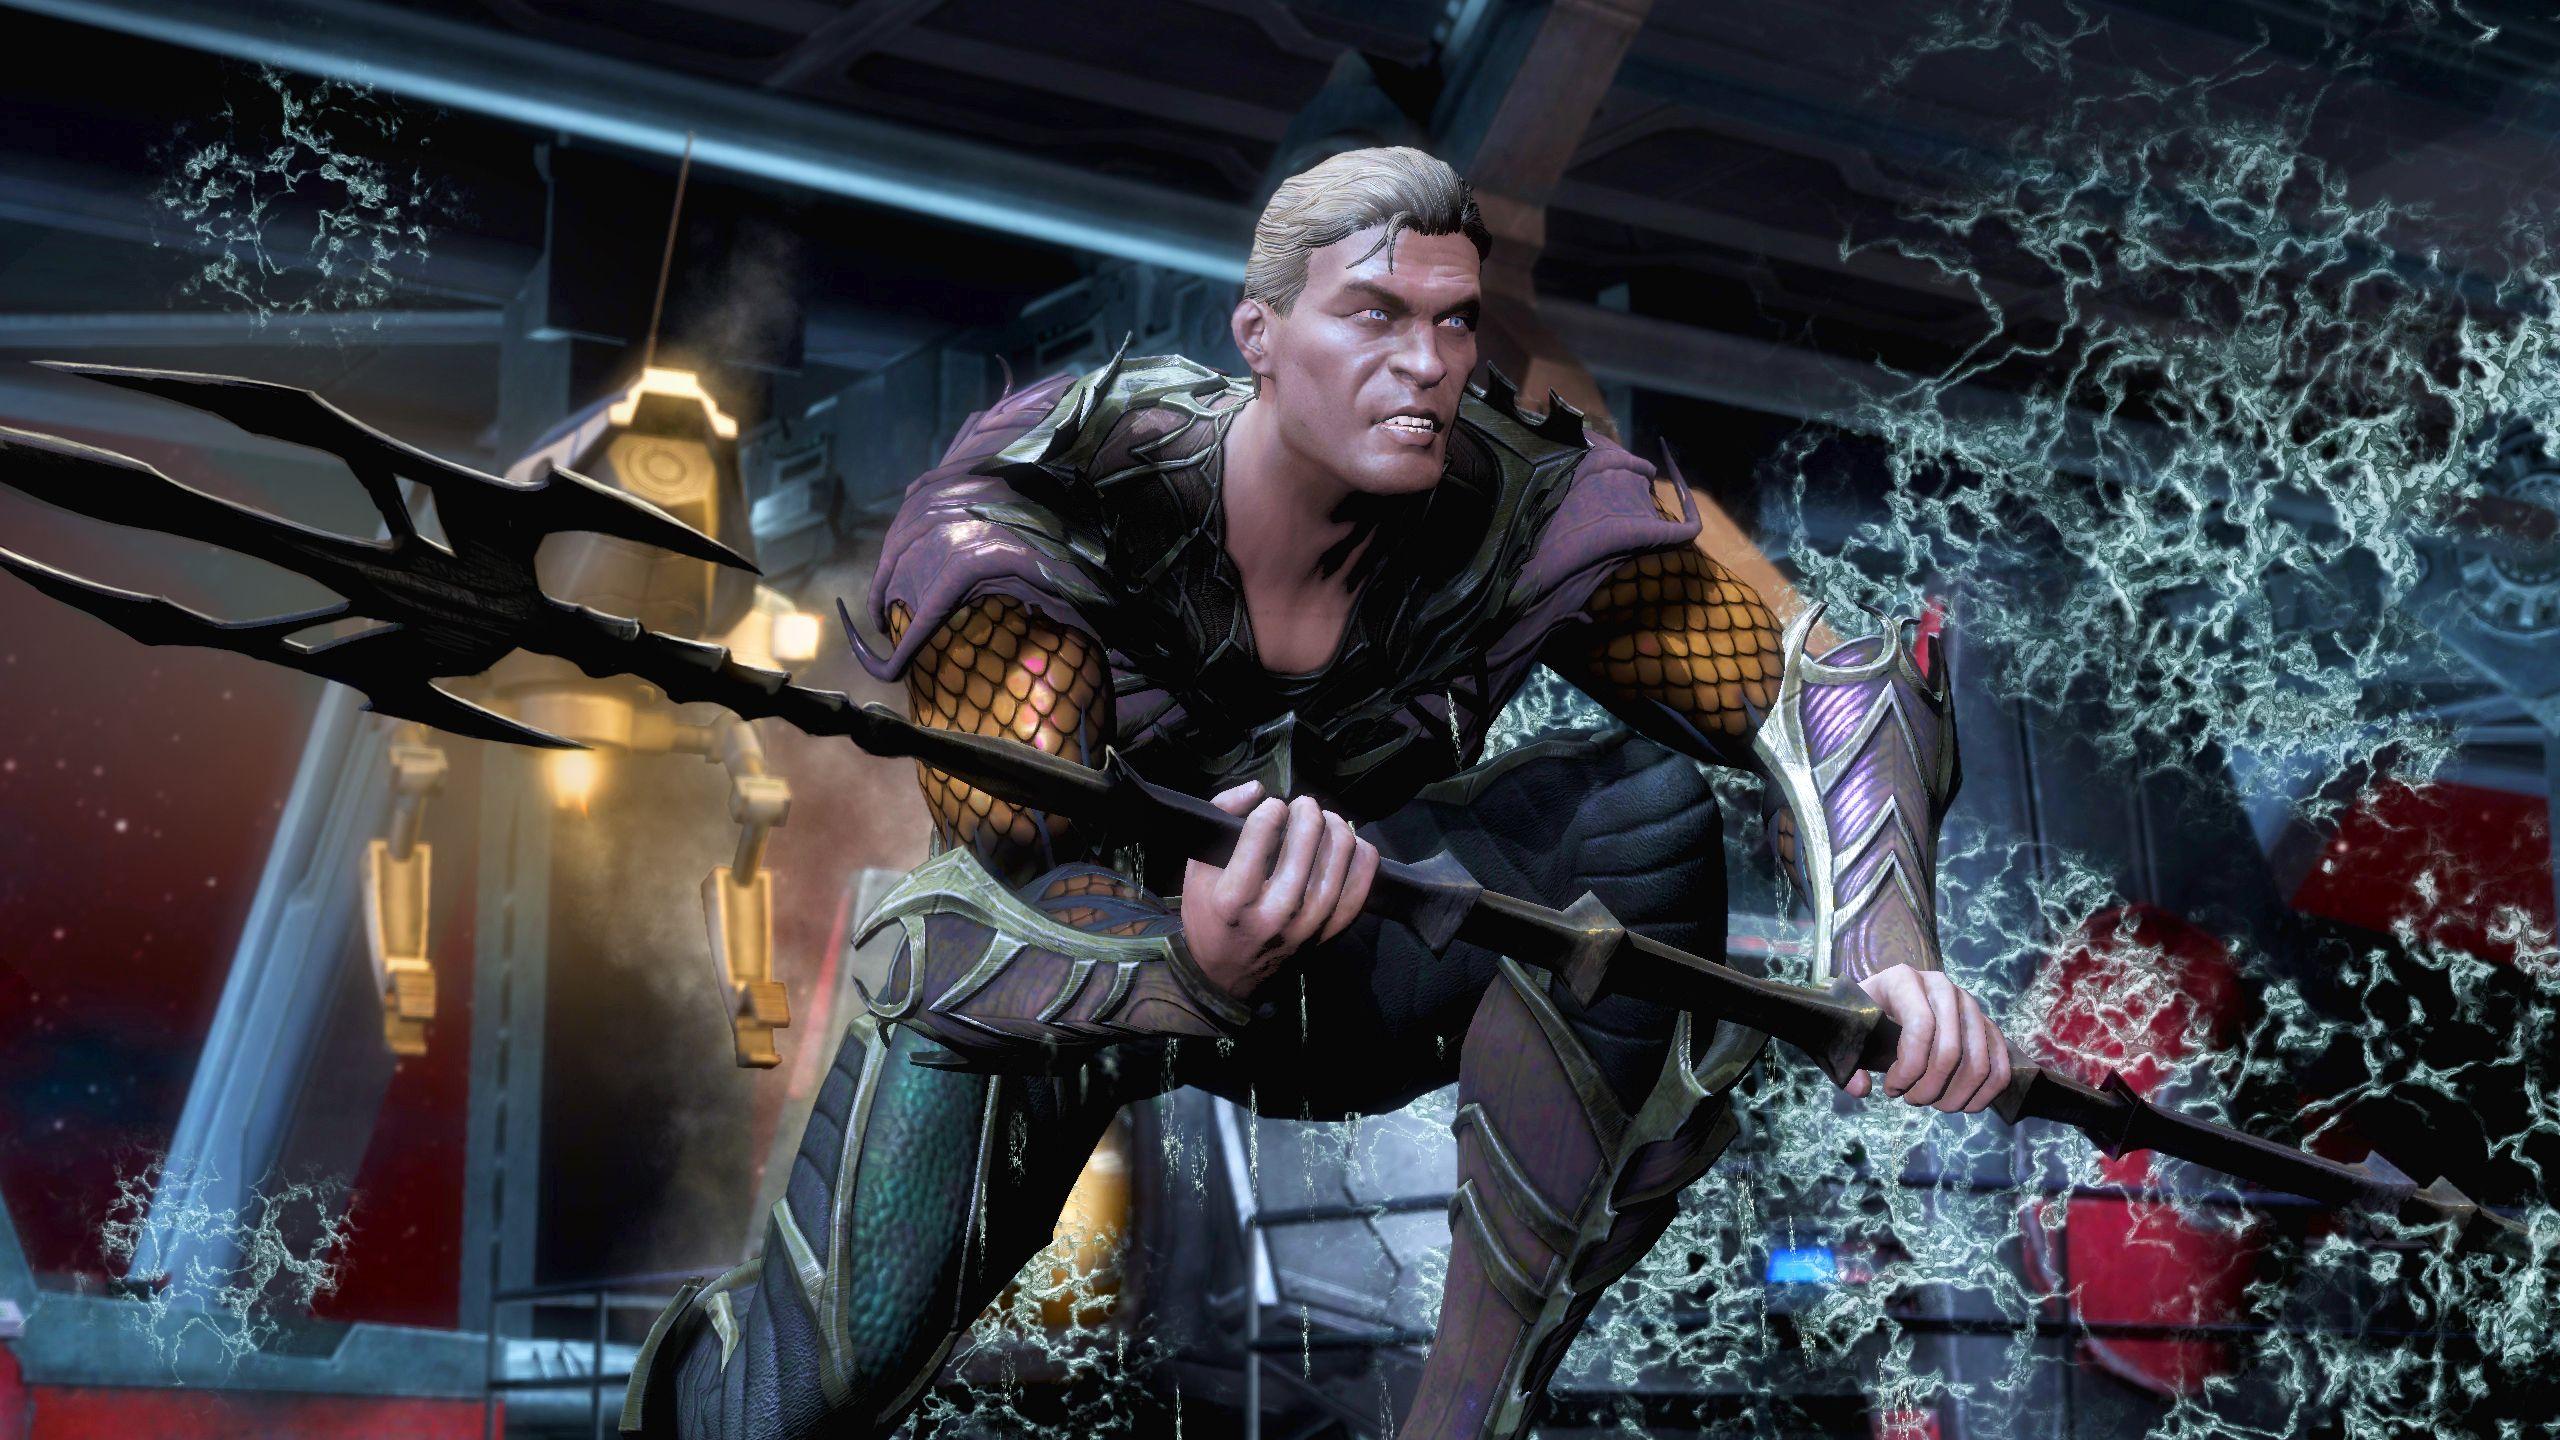 La habilidad especial de Aquaman, Water of Life, le permite recuperarse más rápido de los golpes, haciéndolo capaz de romper combos para contraatacar al enemigo, esta habilidad no aplica cuando te golpean en el aire.